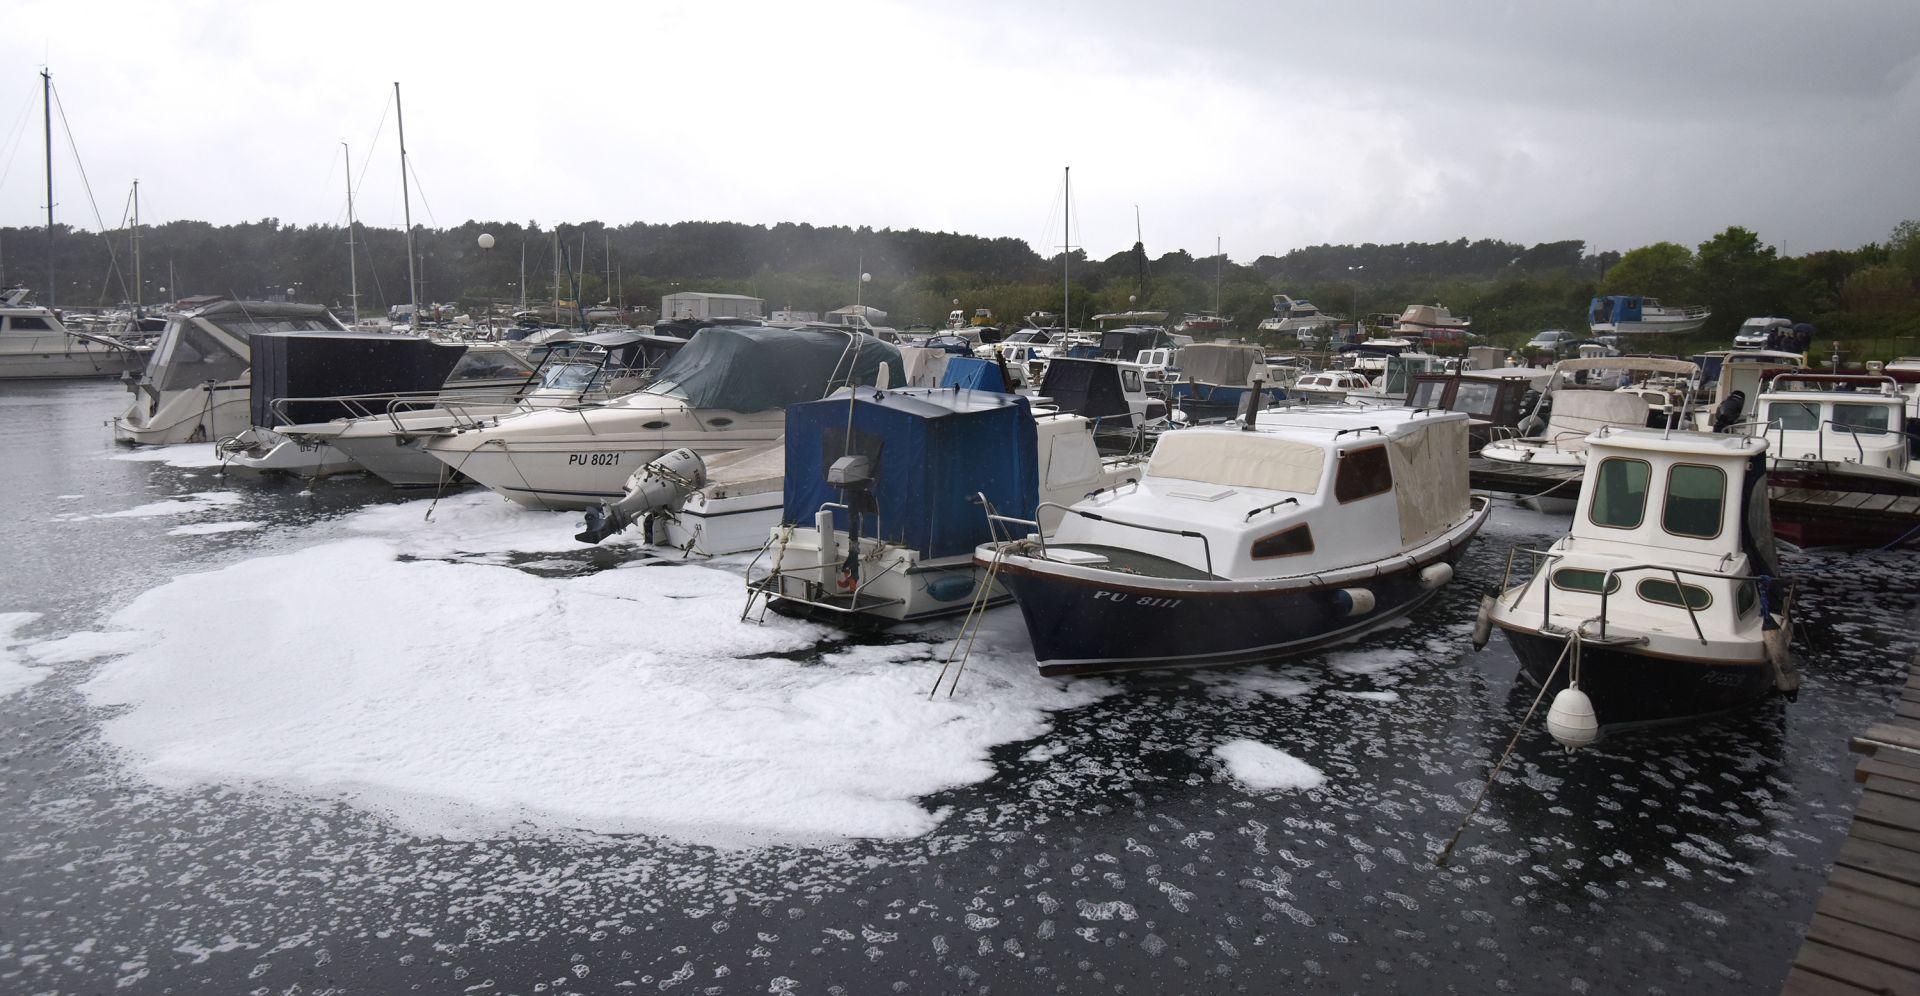 Pula: Četiri plovila izgorjela u požaru, nema ozlijeđenih